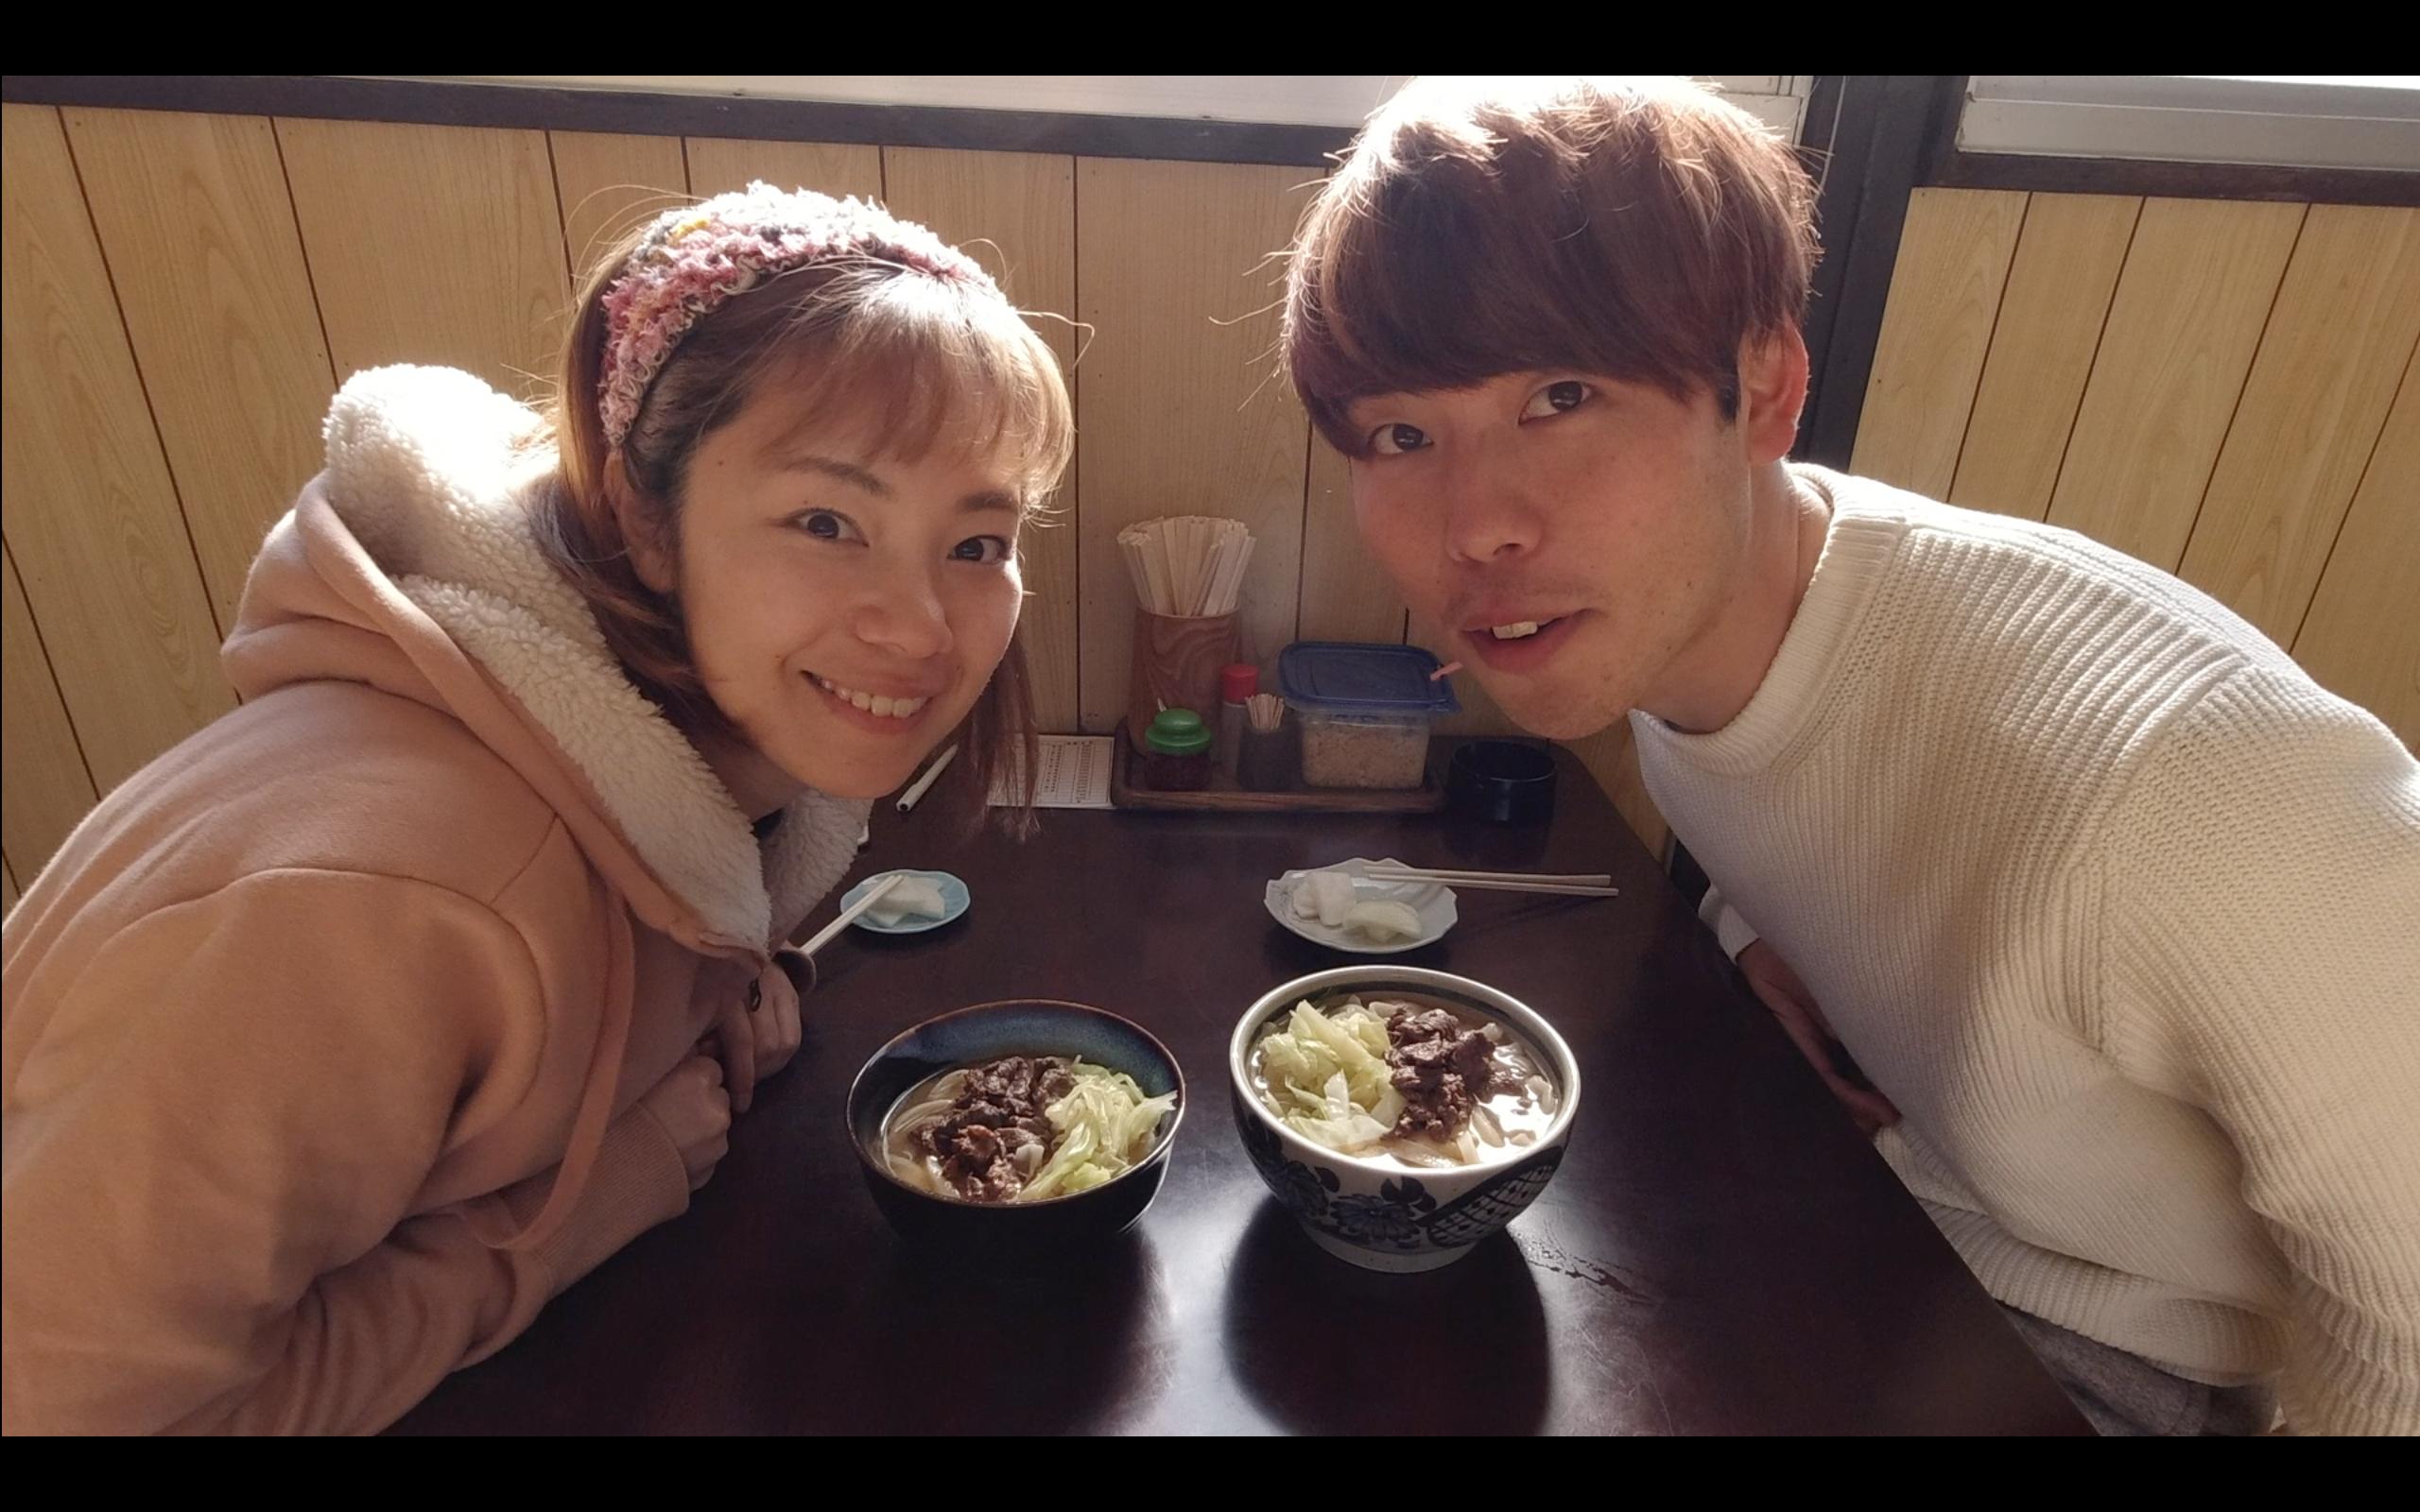 車中泊ドラマ「絶メシロード」第一話のロケ地・山梨県富士吉田市を、えりたく夫婦がハスラーで巡ってきた